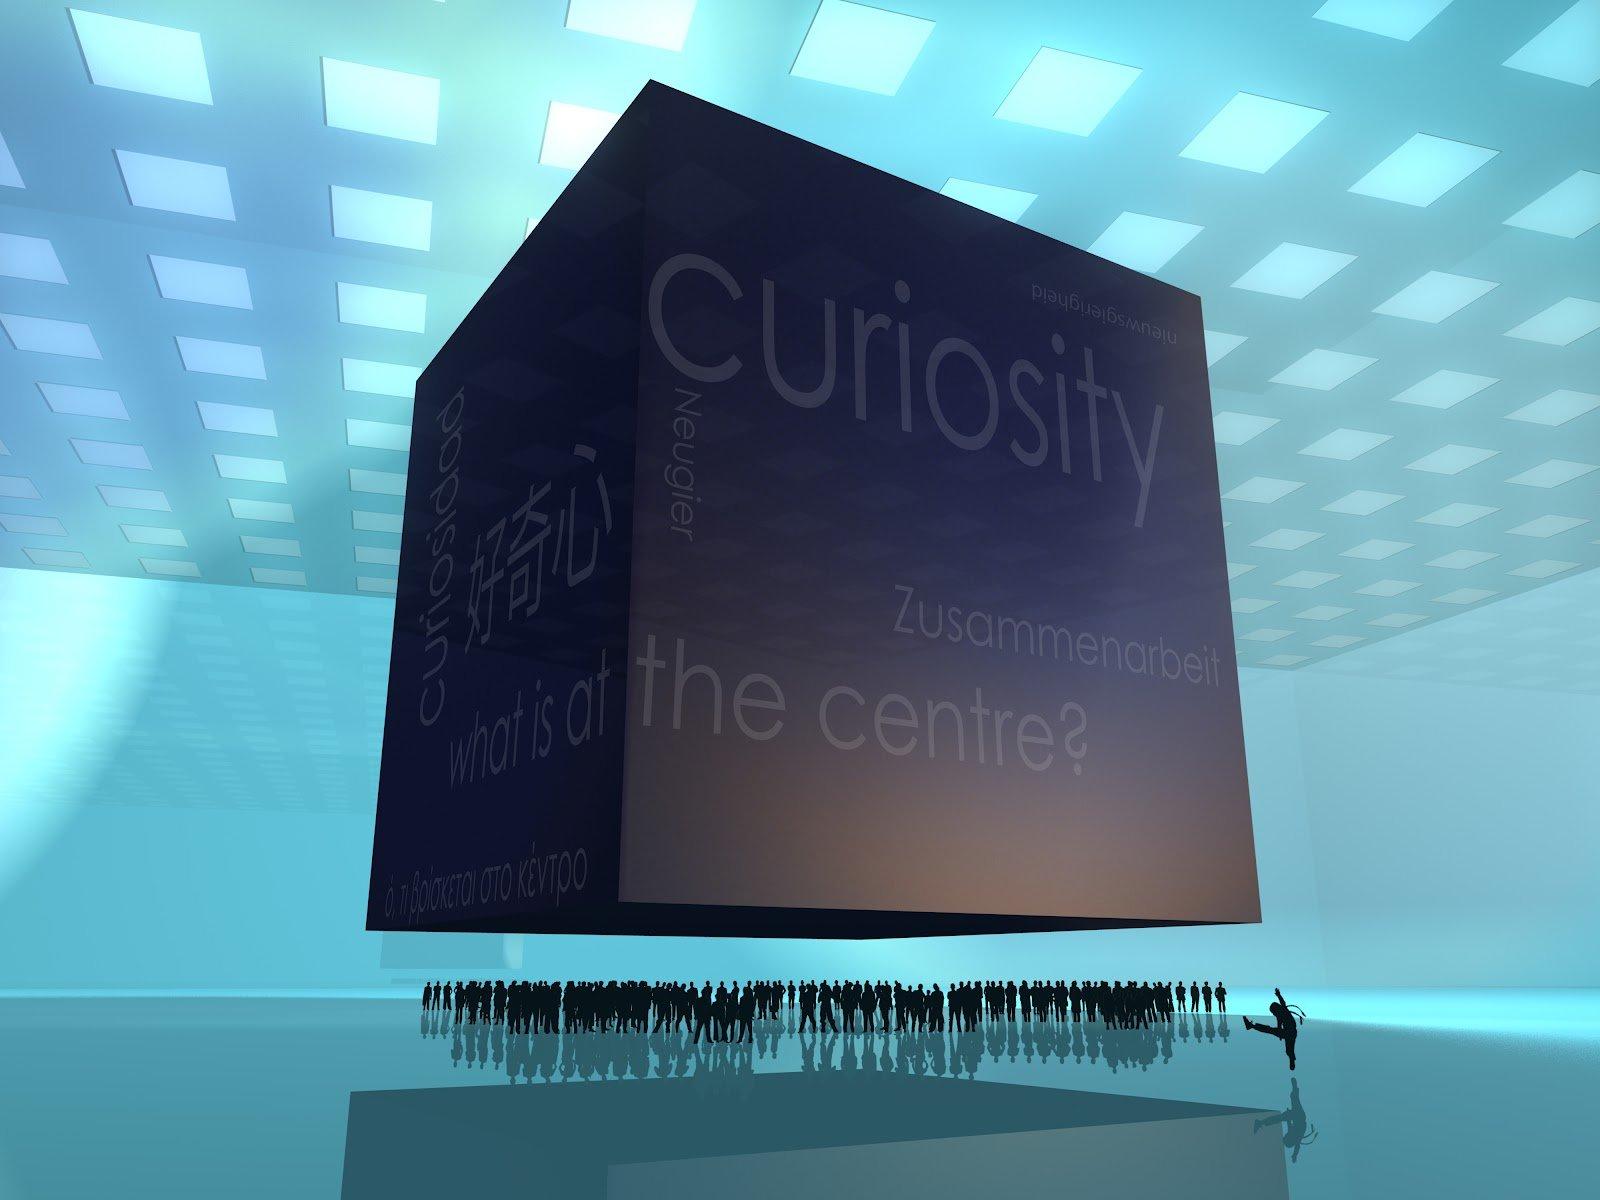 """На кубе в Curiosity осталось 6 слоёв и на нём стала появляться строчка """"will you help to destroy the cube or preserv ... - Изображение 1"""